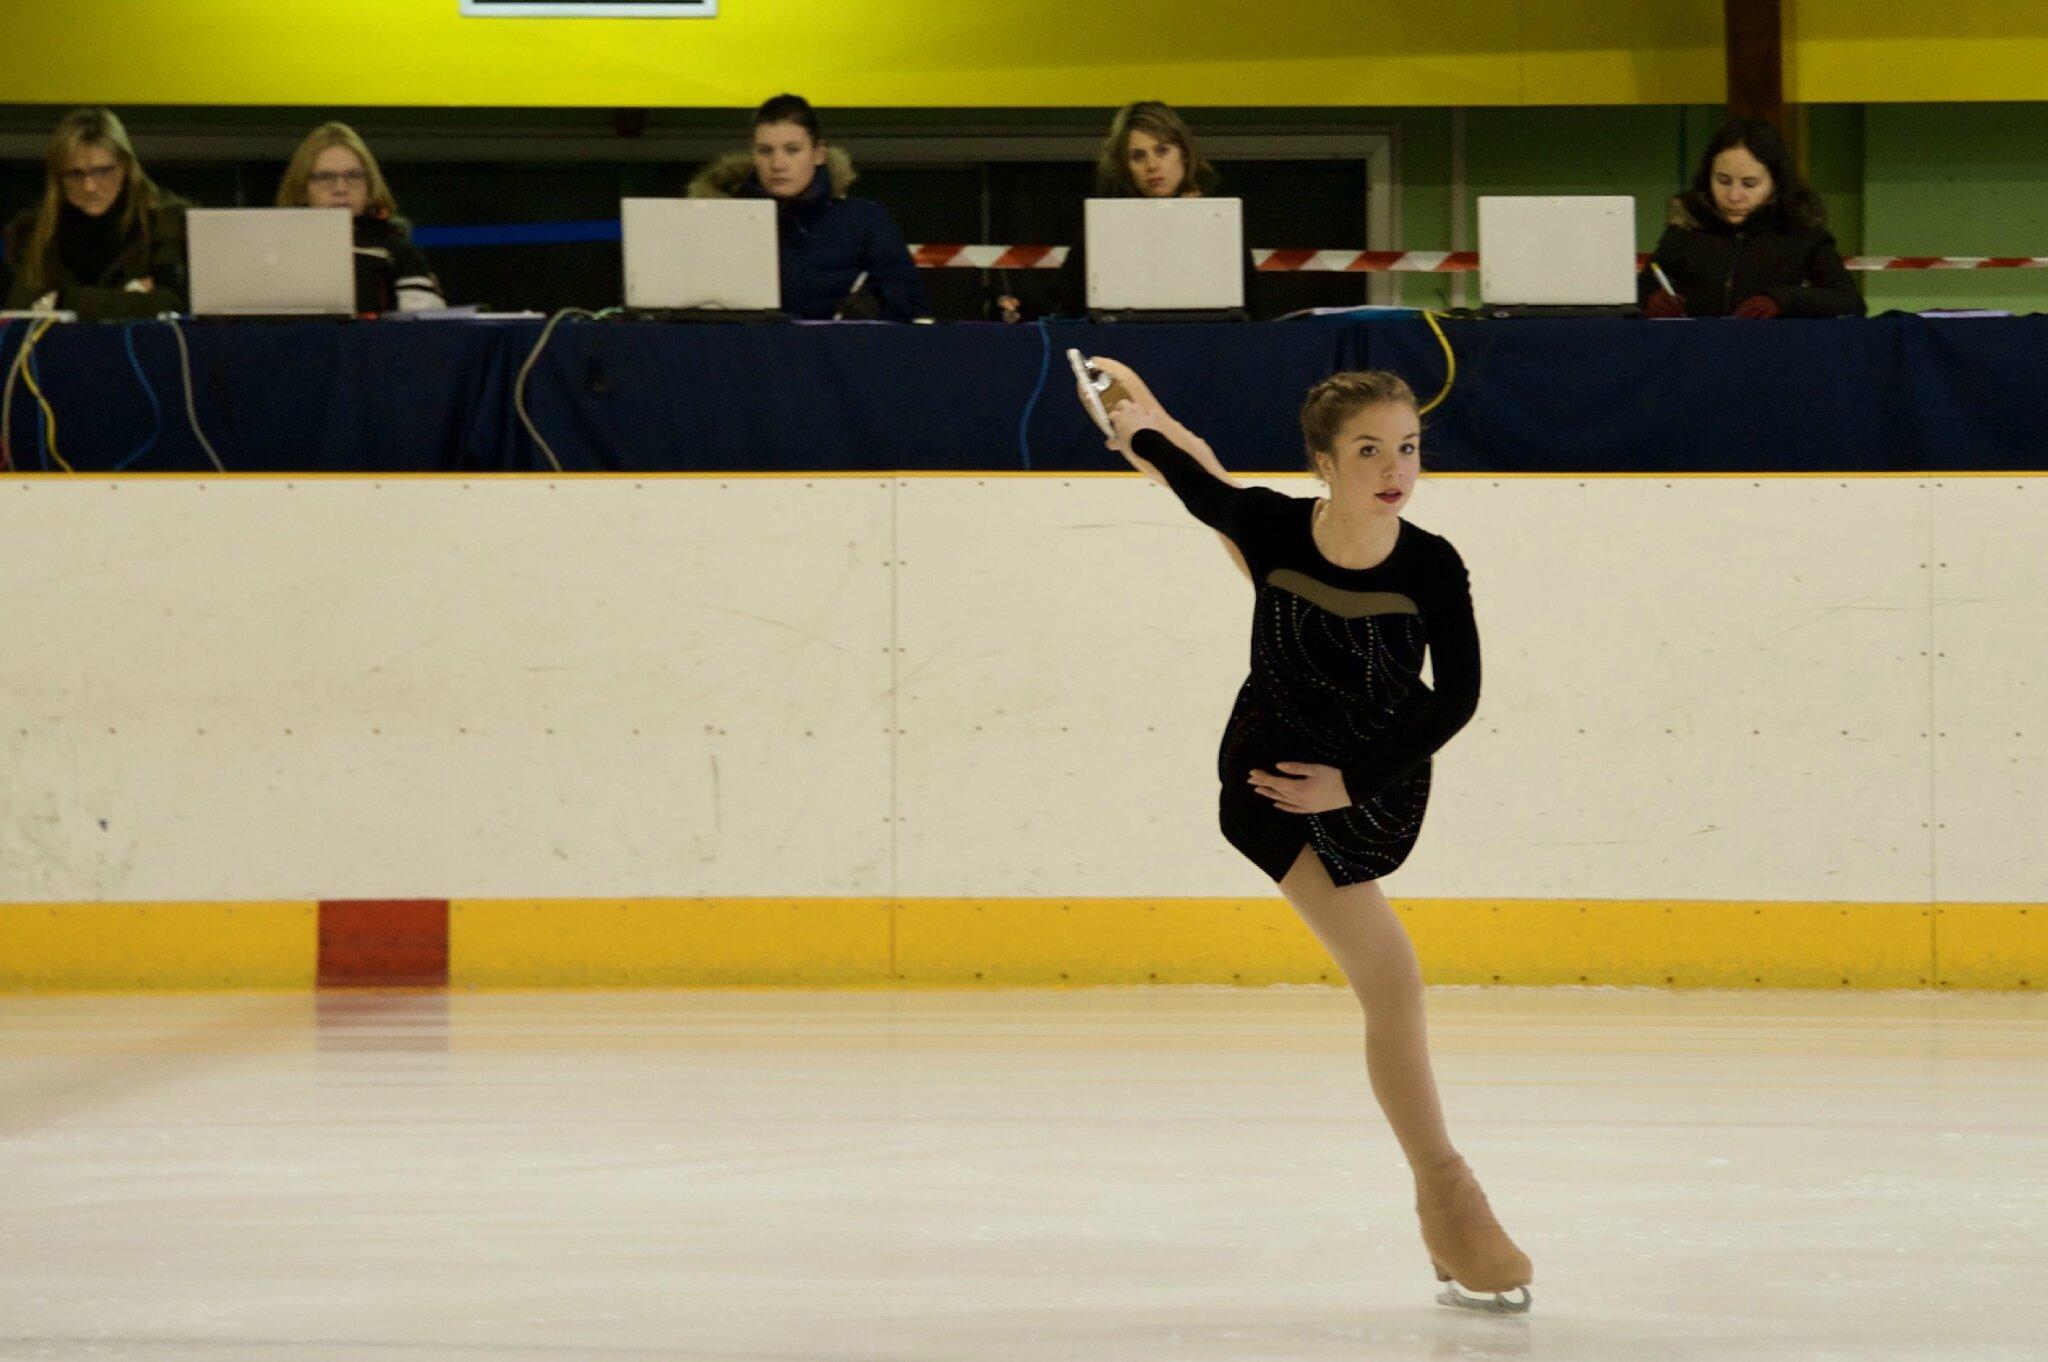 Compétition Lyon - 69